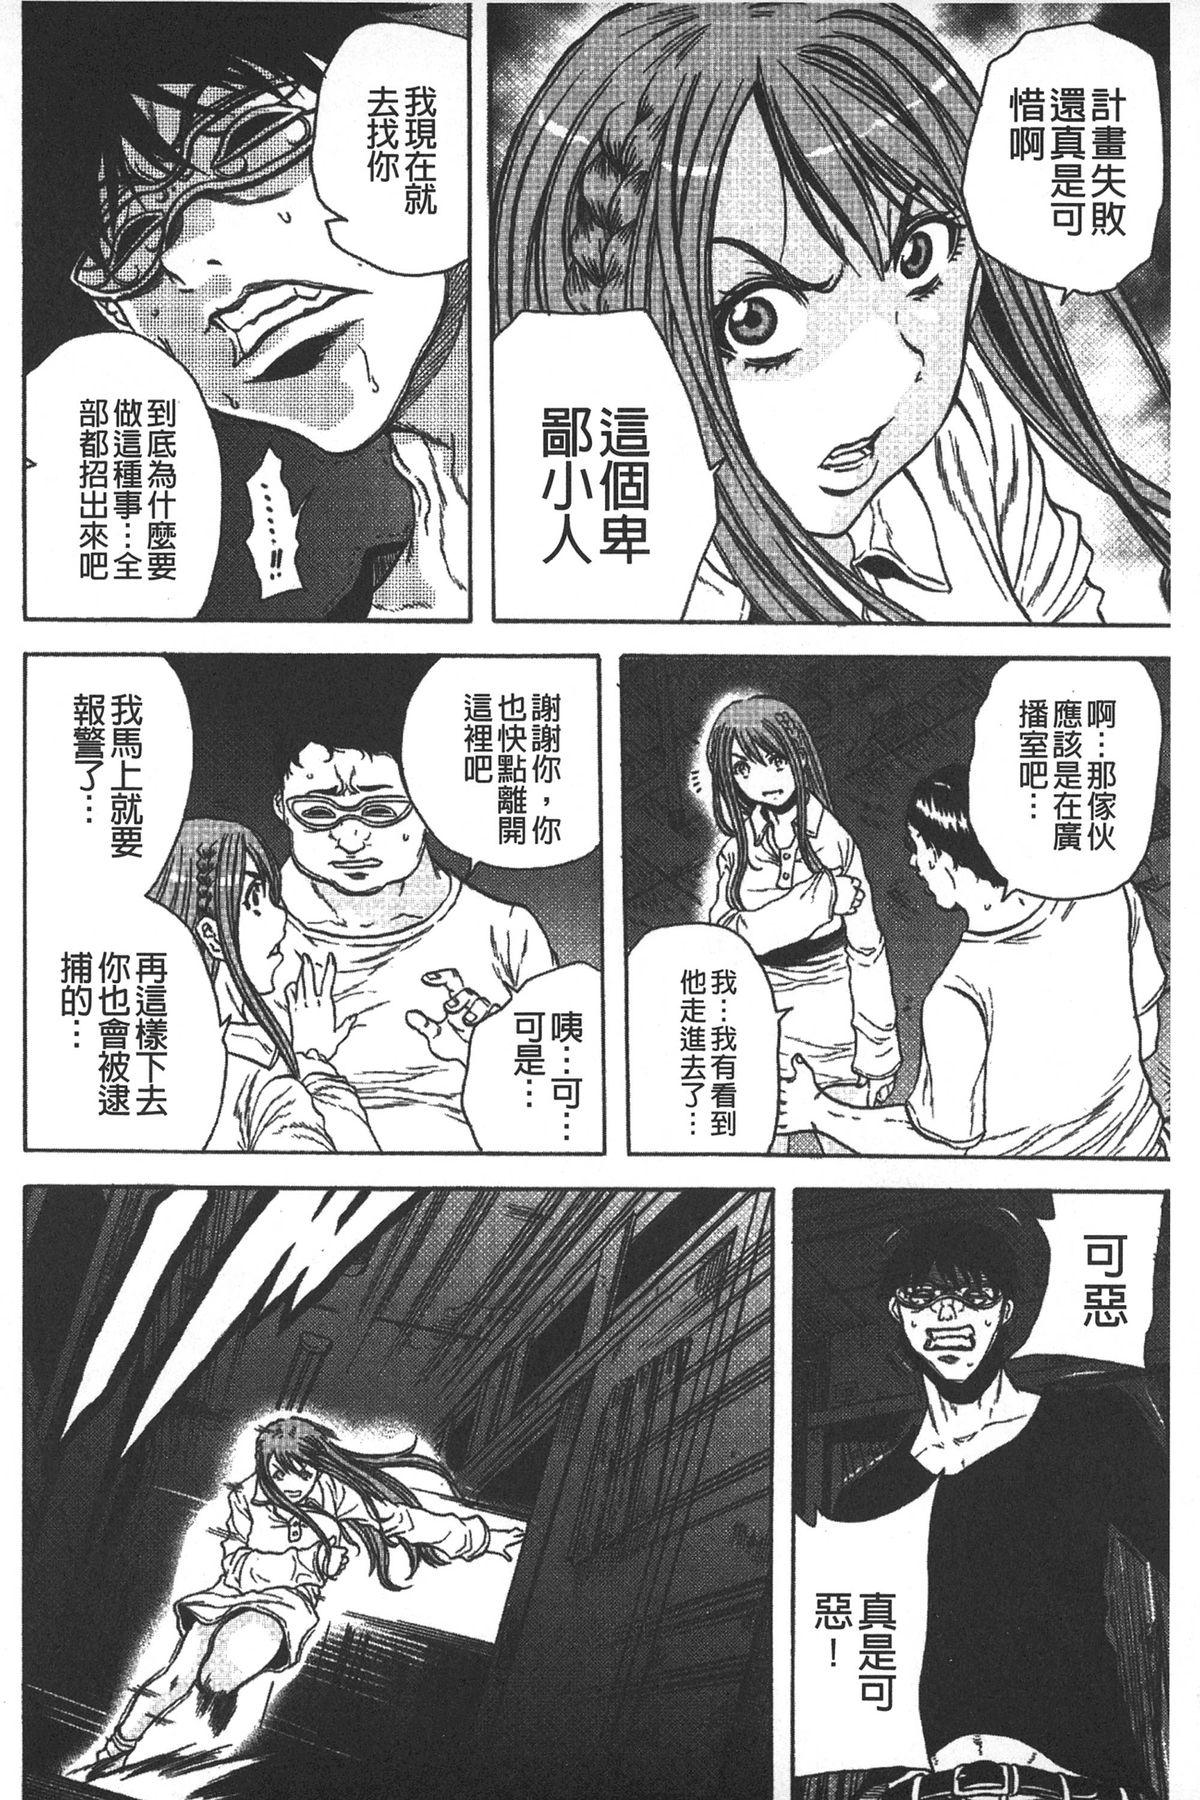 Ryoujoku Kyoushitsu 92